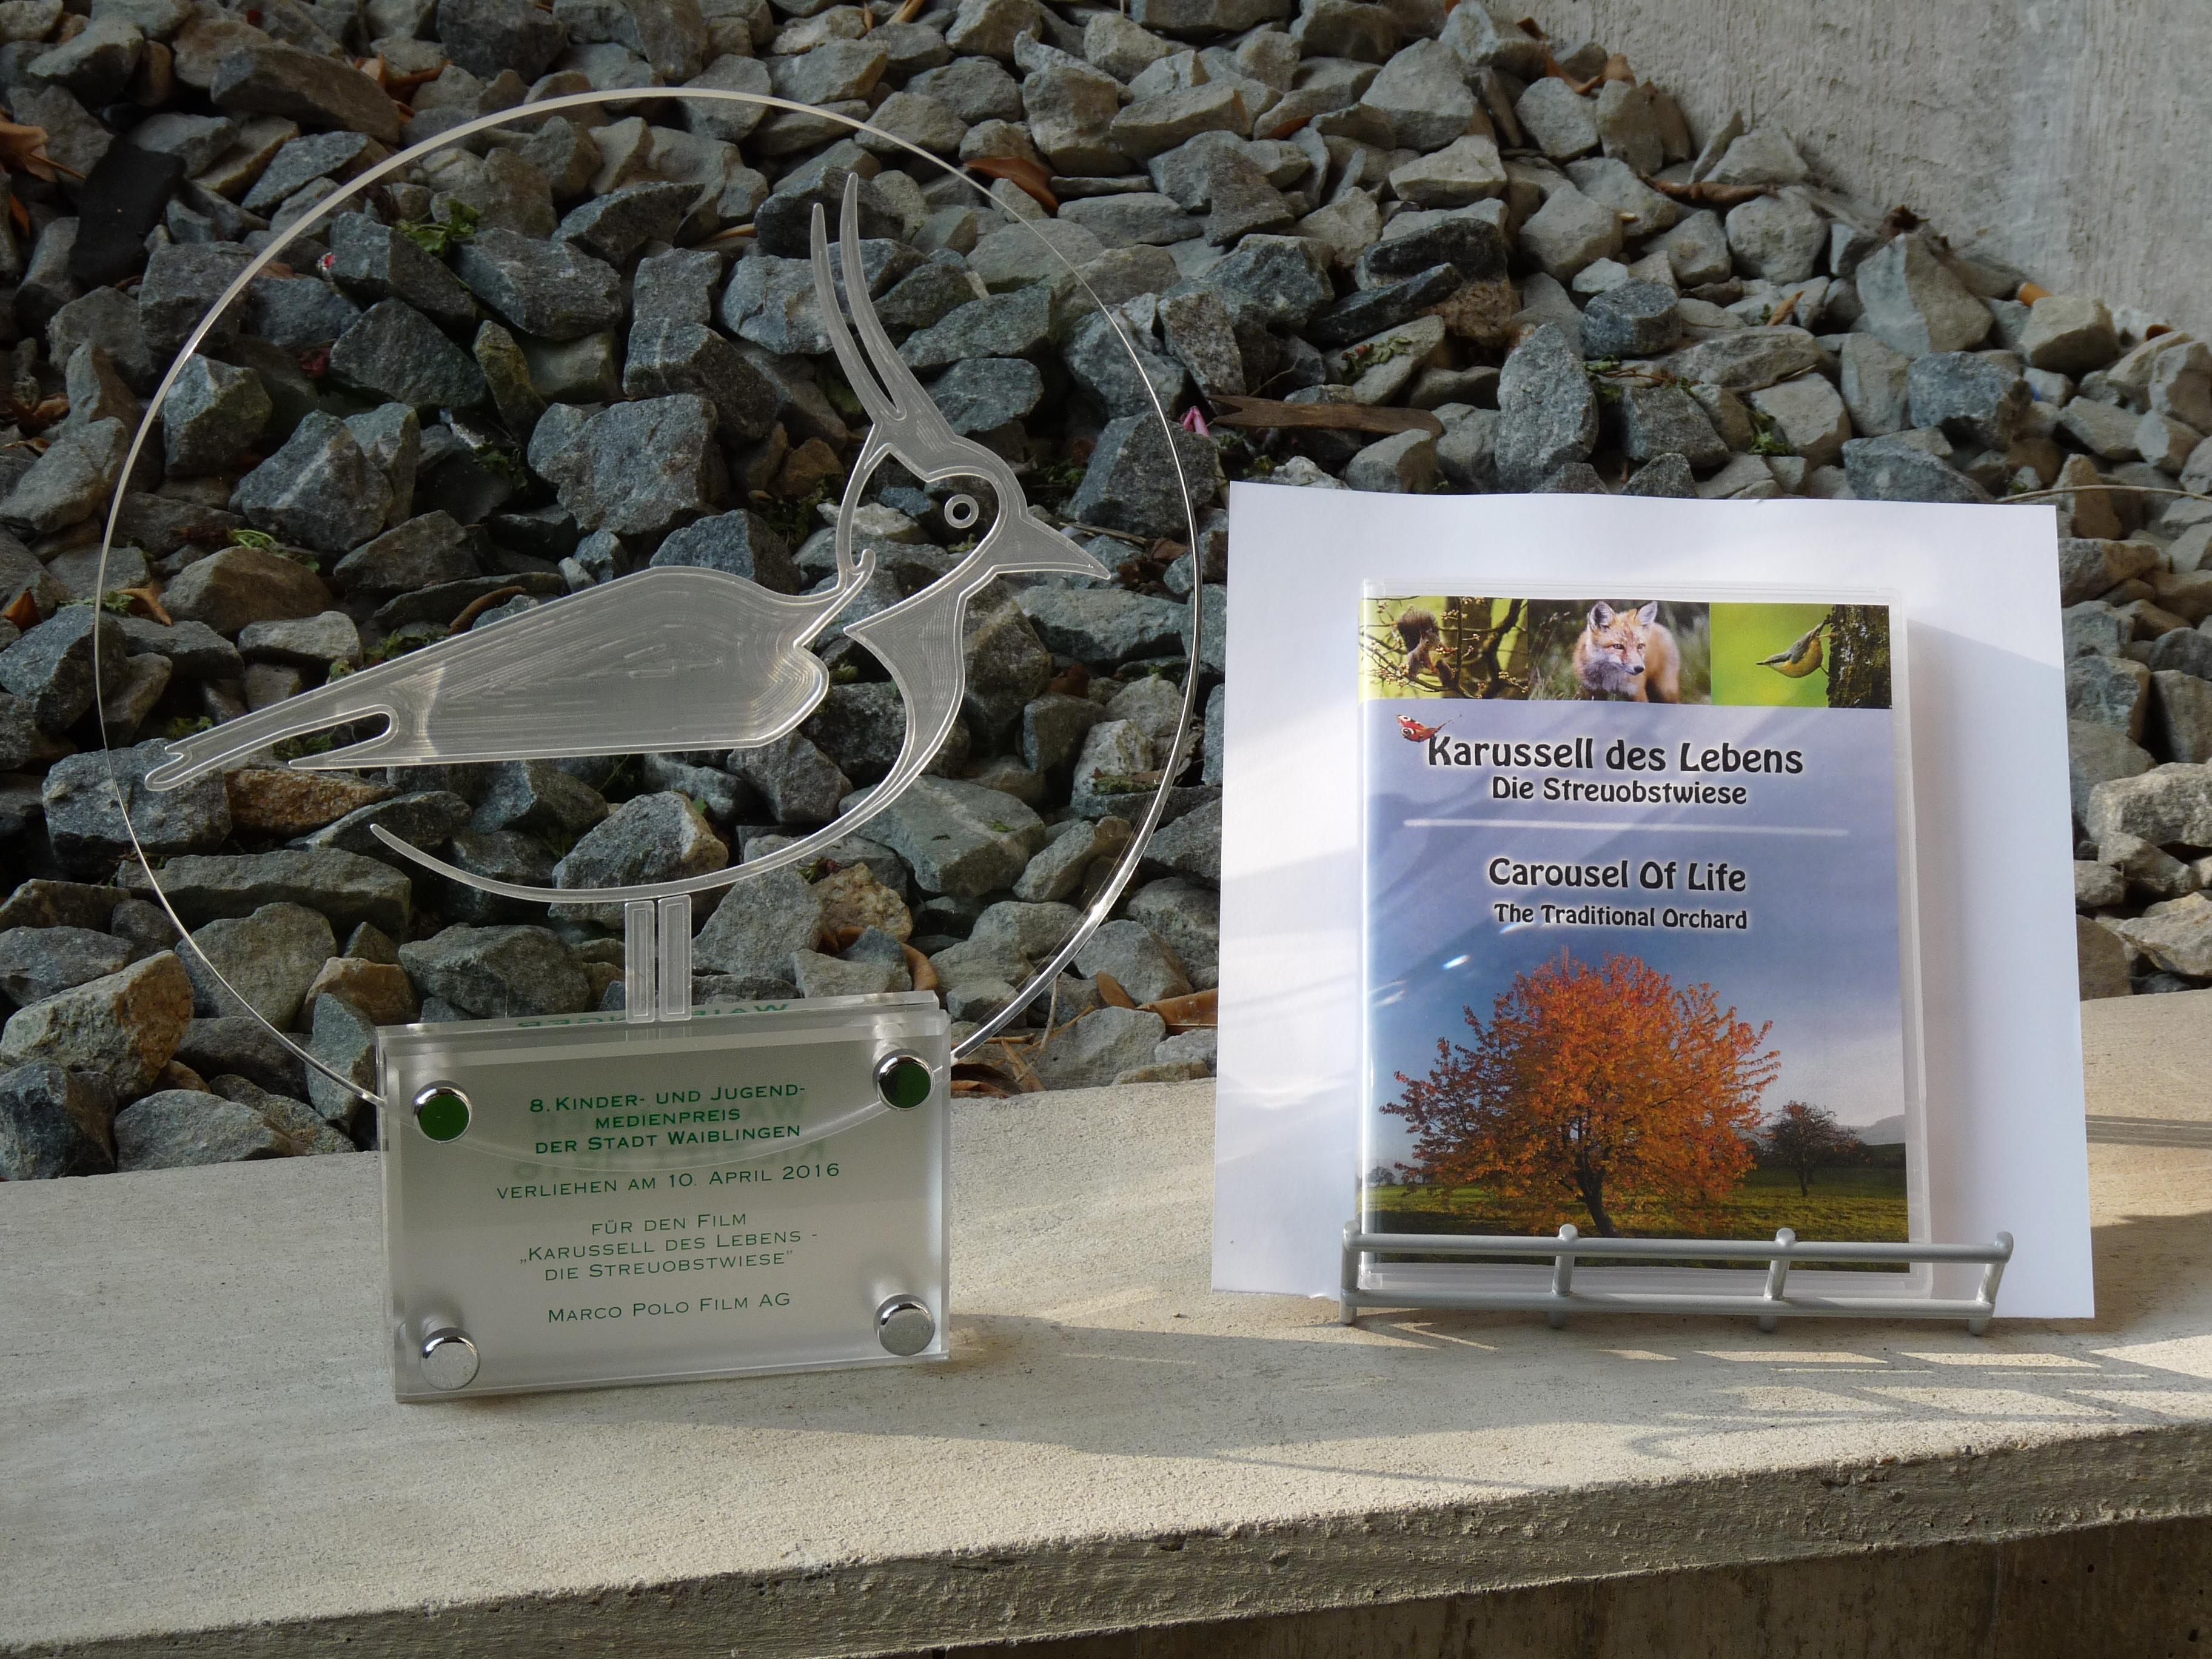 Der Preisträger-Film Karussell des Lebens - Die Streuobstwiese